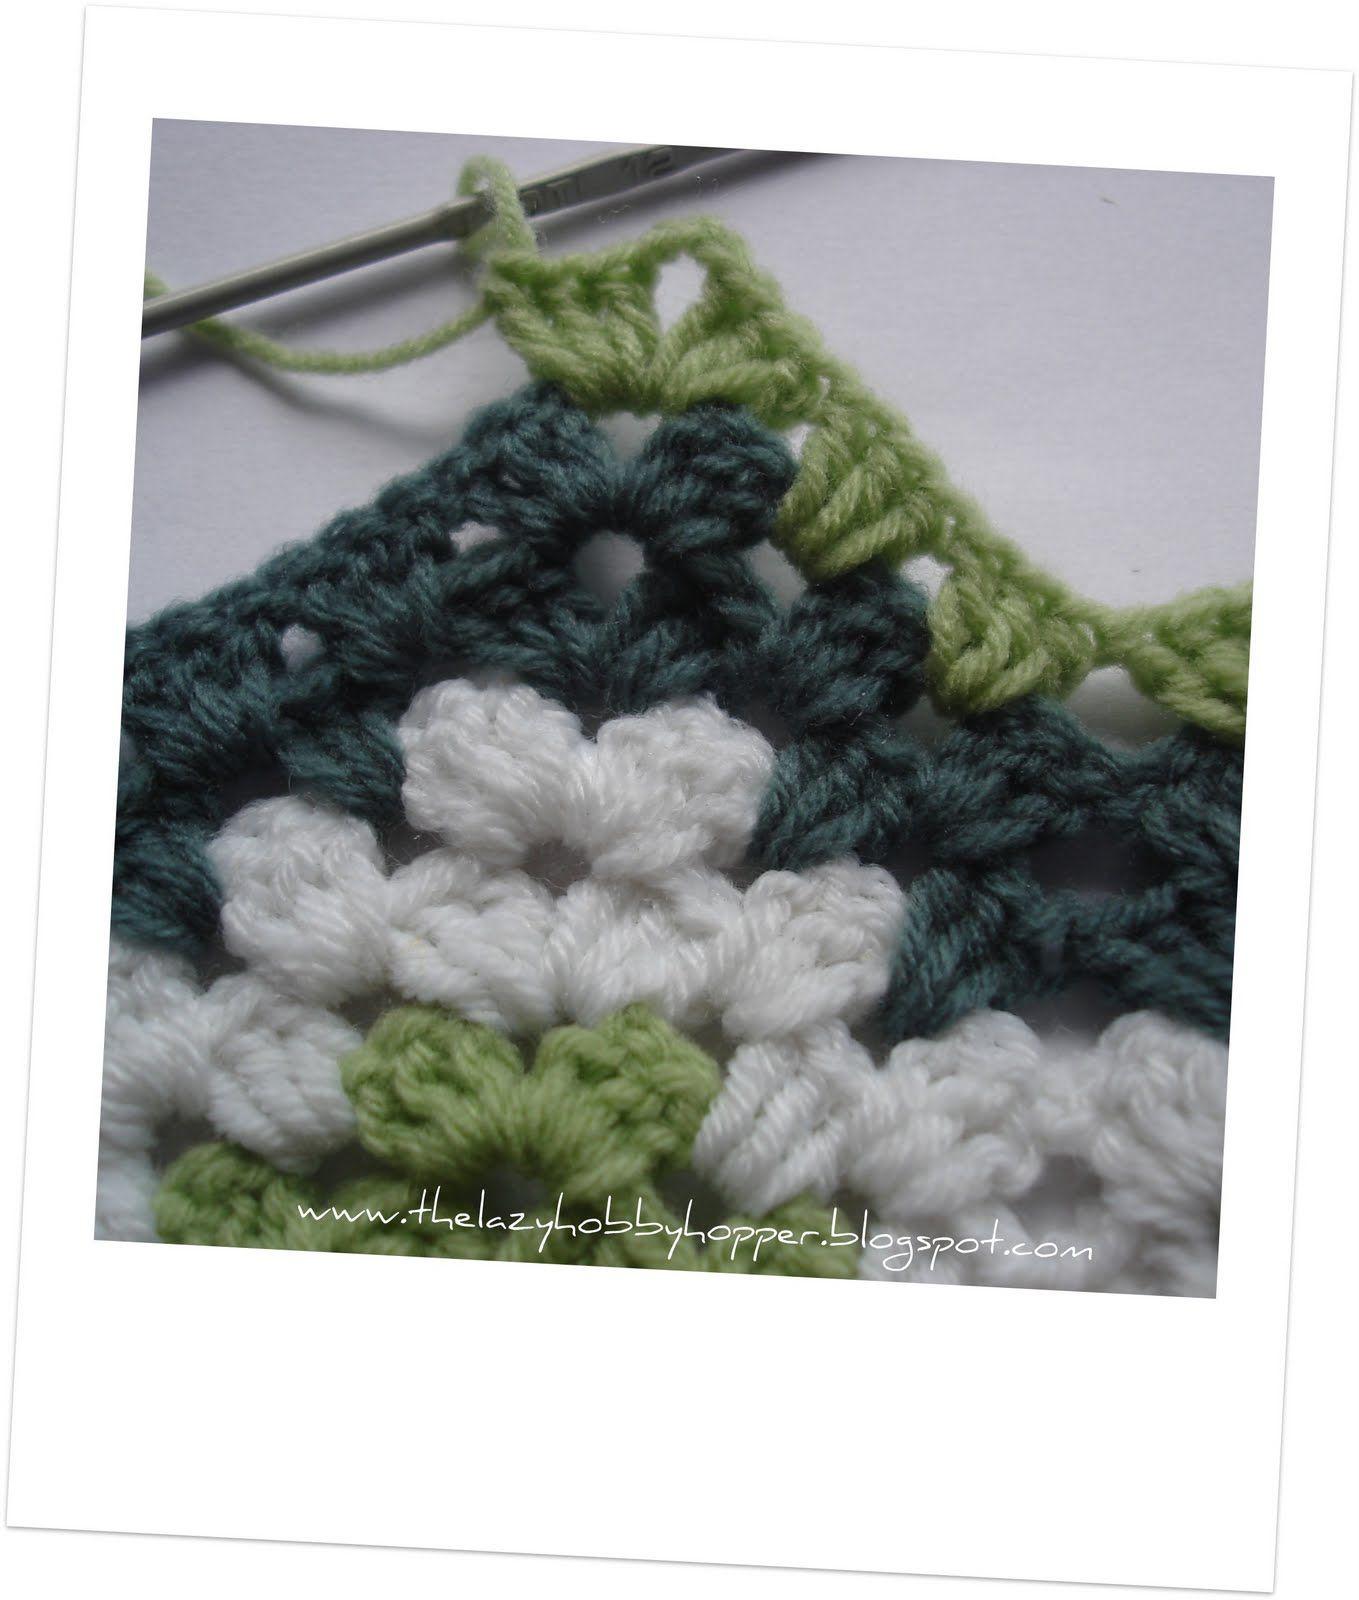 O Hobbyhopper preguiçoso: Como a ondulação crochê vovó